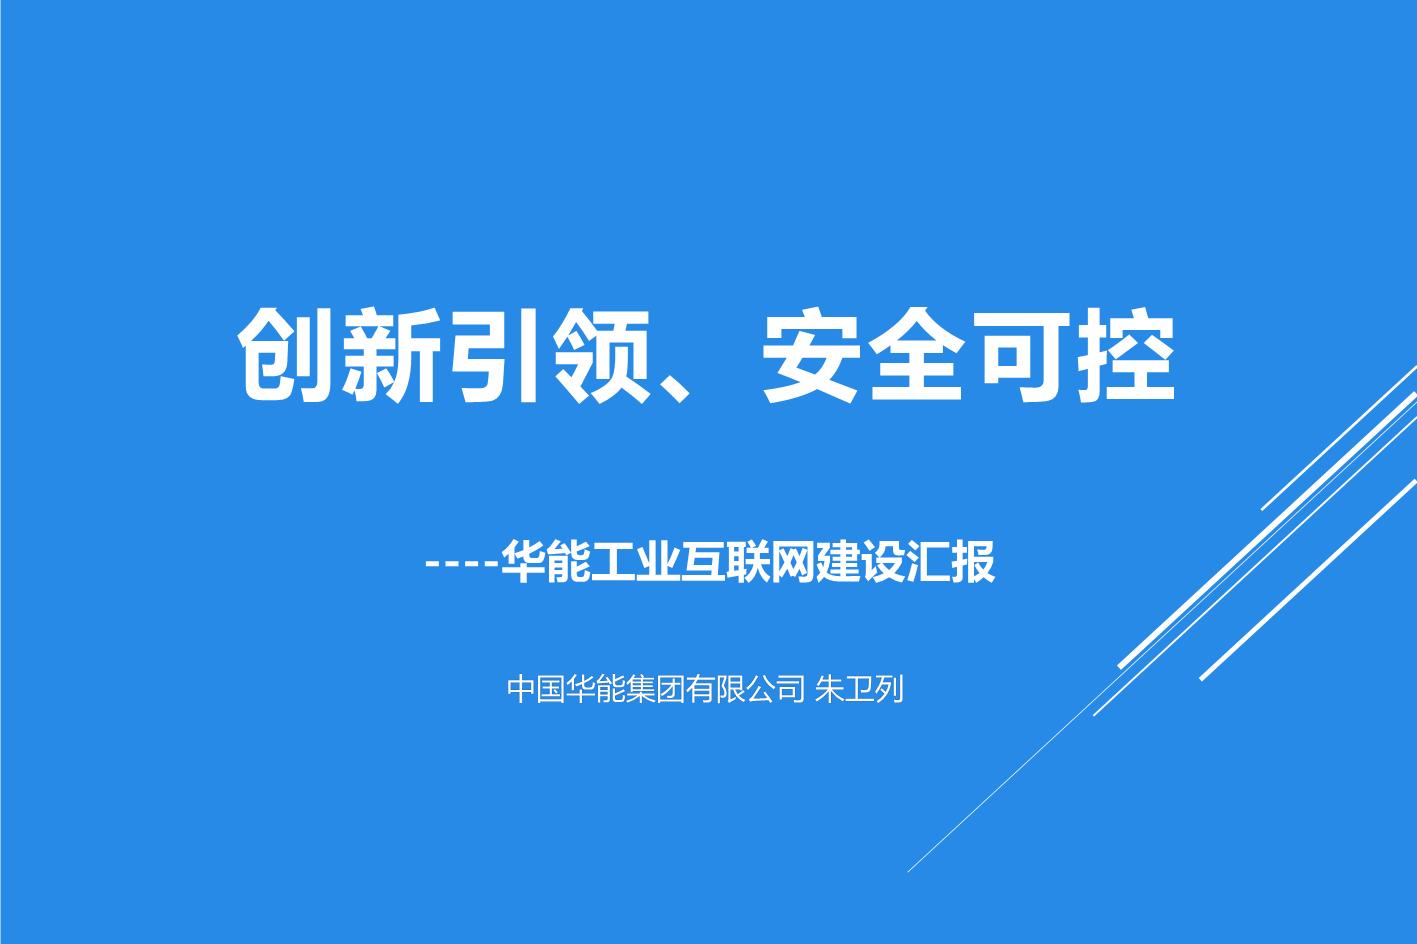 朱卫列-华能工业互联网建设汇报